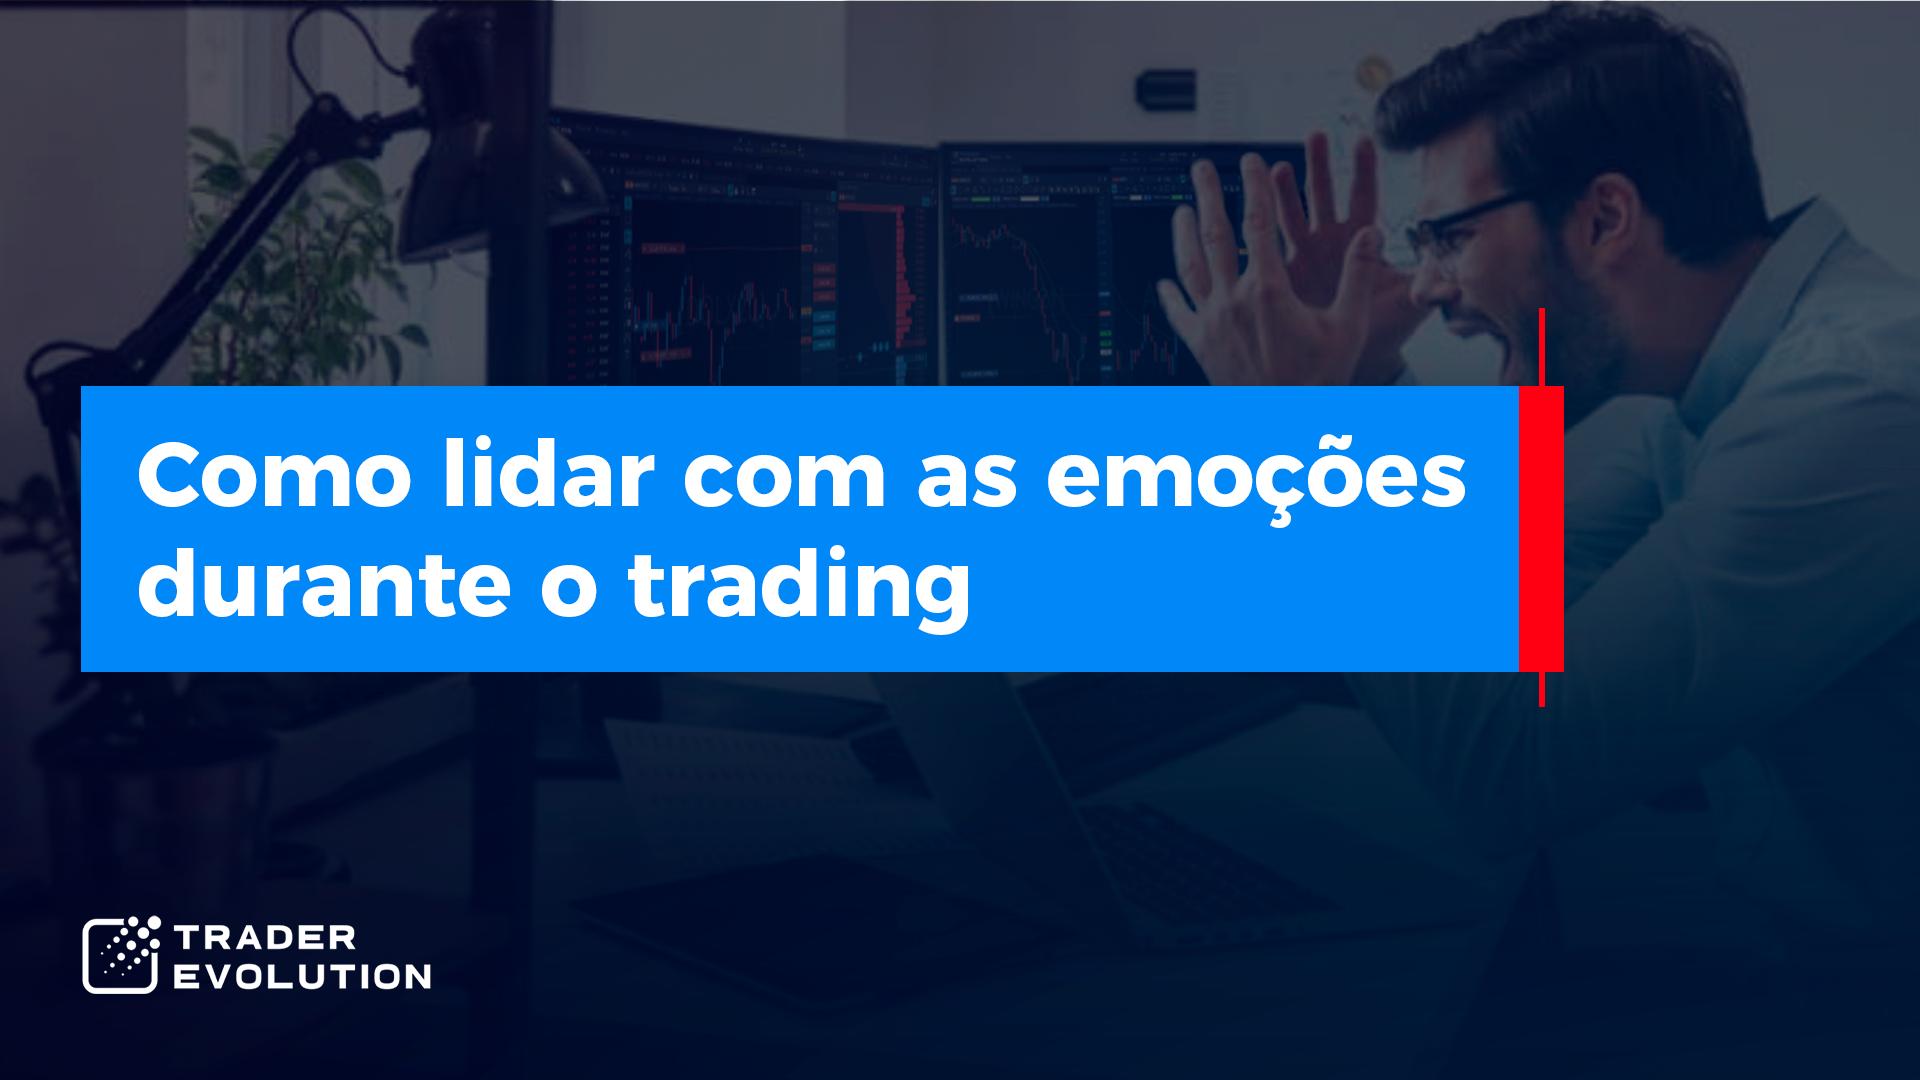 como lidar com as emoções durante o trading